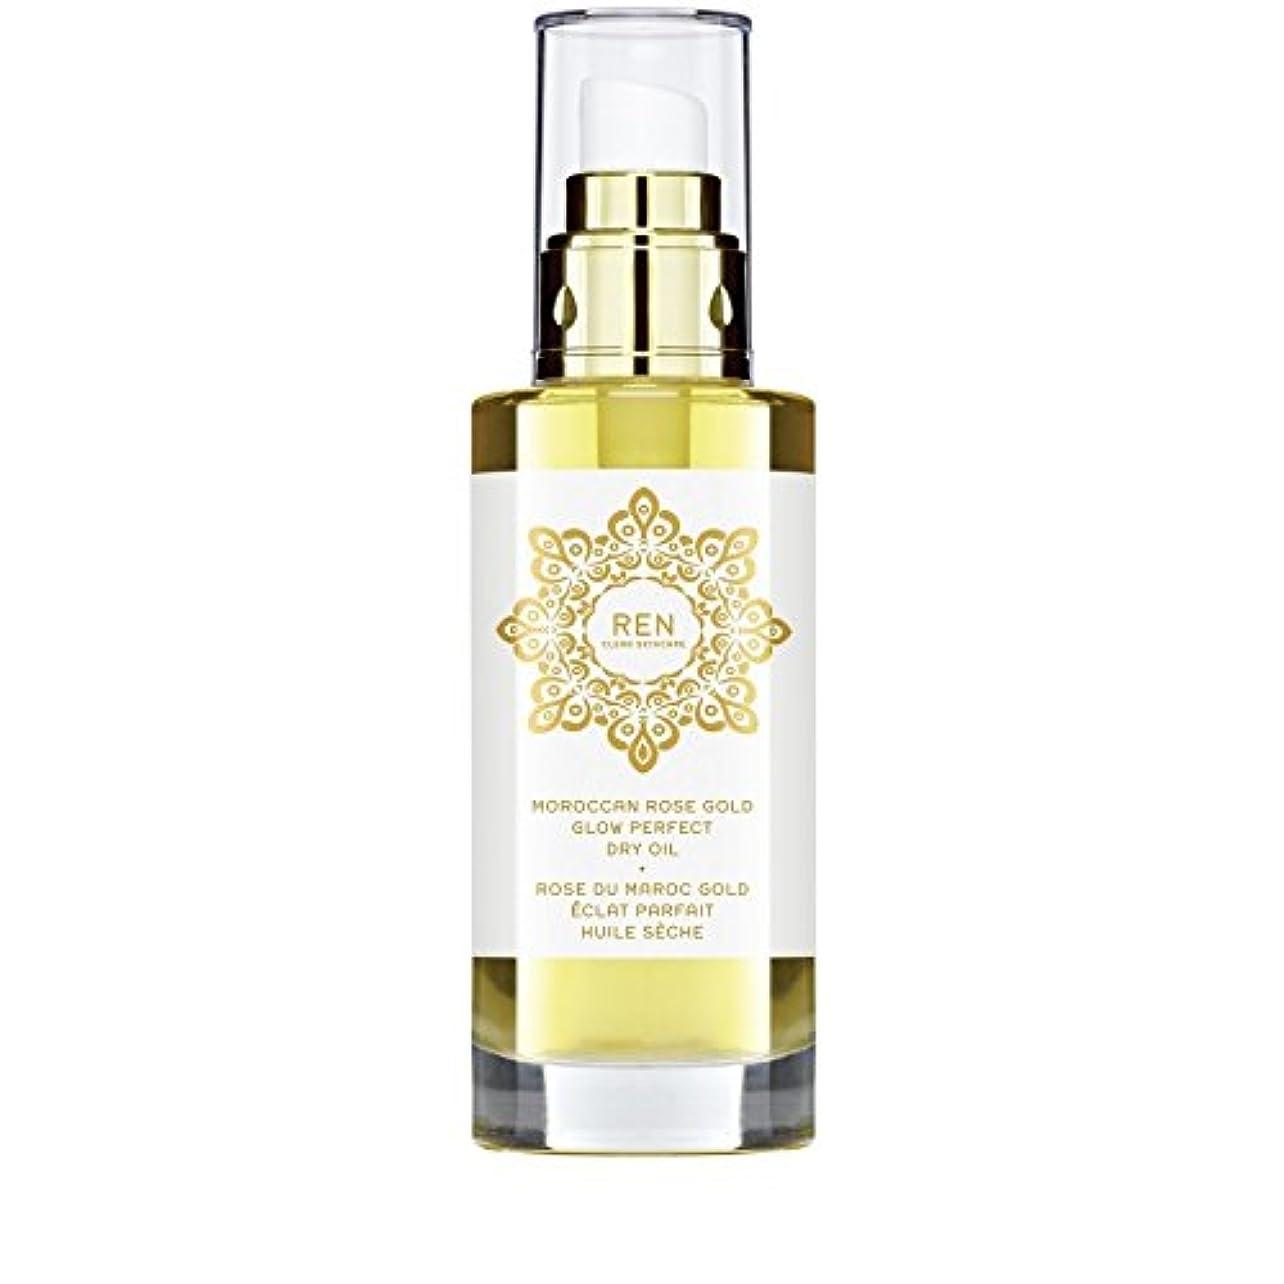 テニスかすれた不利益REN Moroccan Rose Gold Glow Perfect Dry Oil 100ml (Pack of 6) - モロッコは金が完璧なドライオイル100ミリリットルグローバラ x6 [並行輸入品]